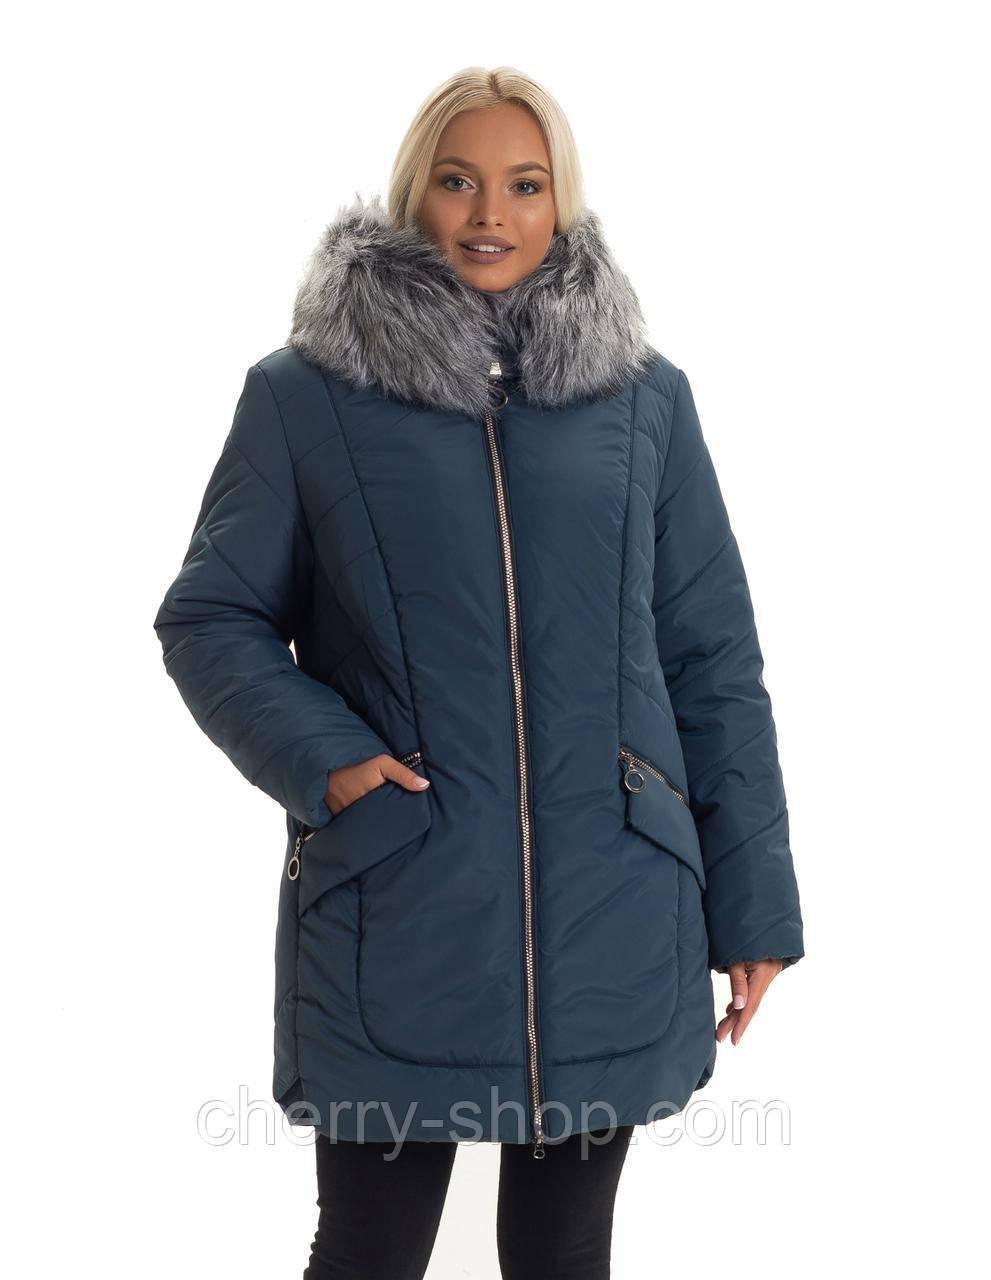 Теплая женская куртка с исскуственным мехом